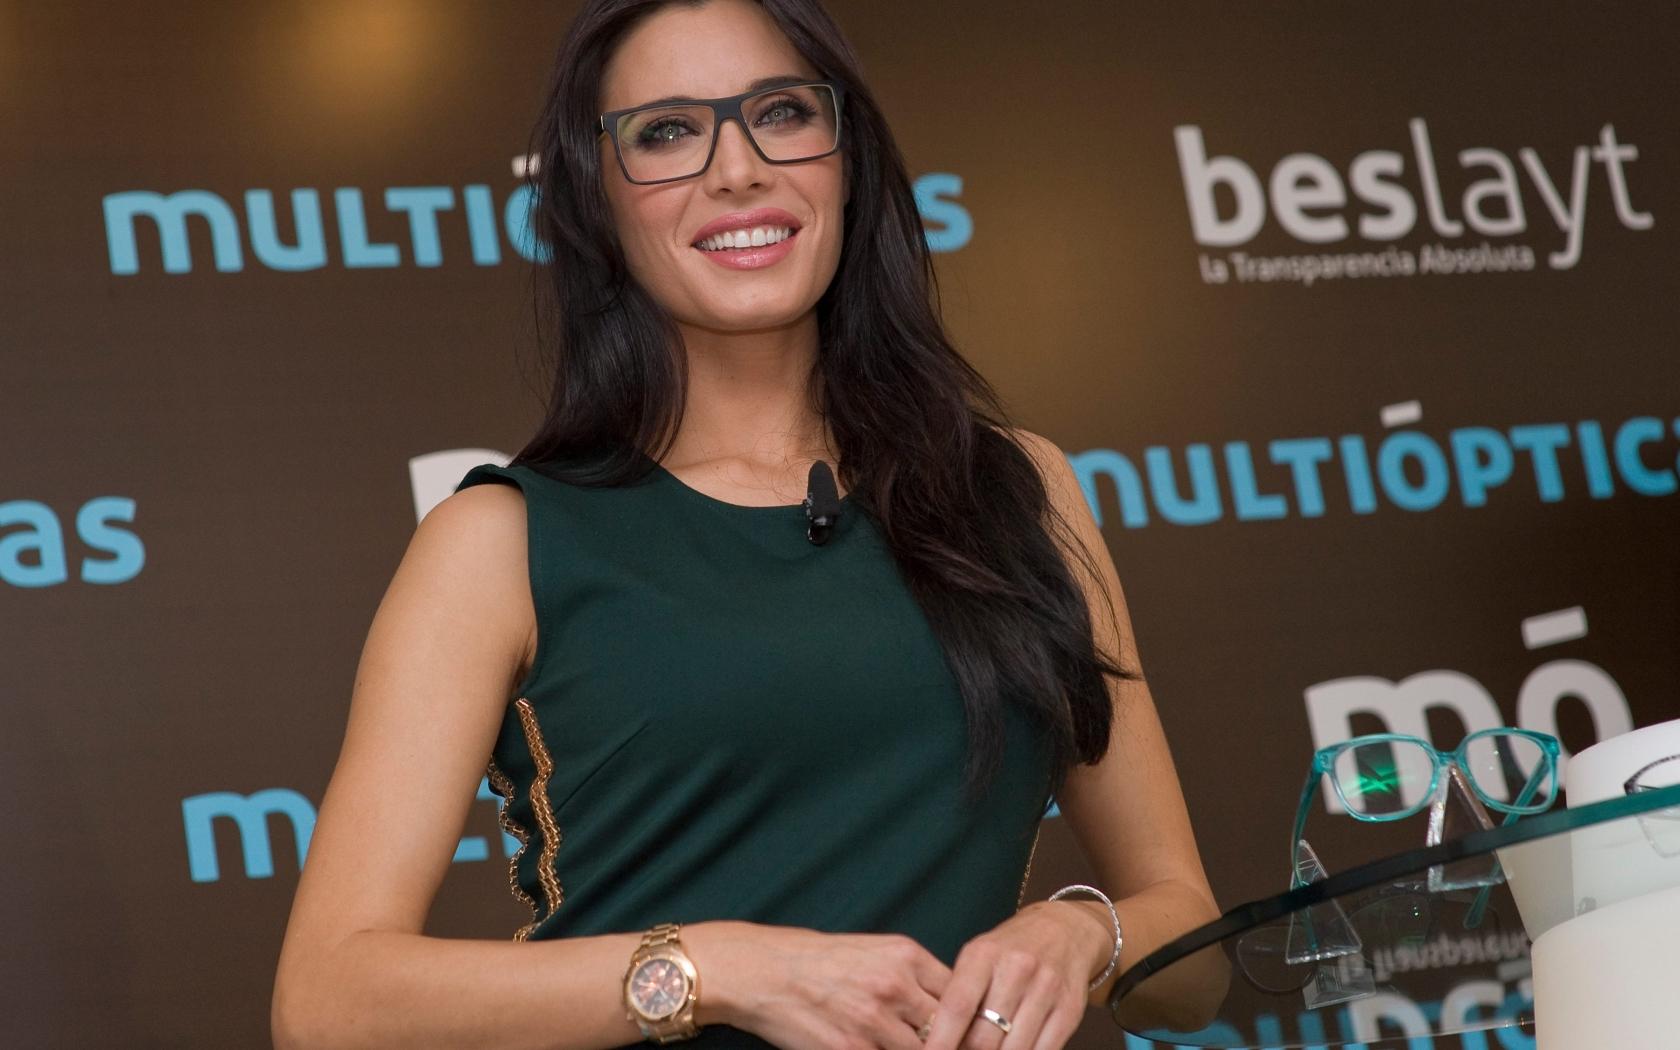 Pilar Rubio con lentes - 1680x1050